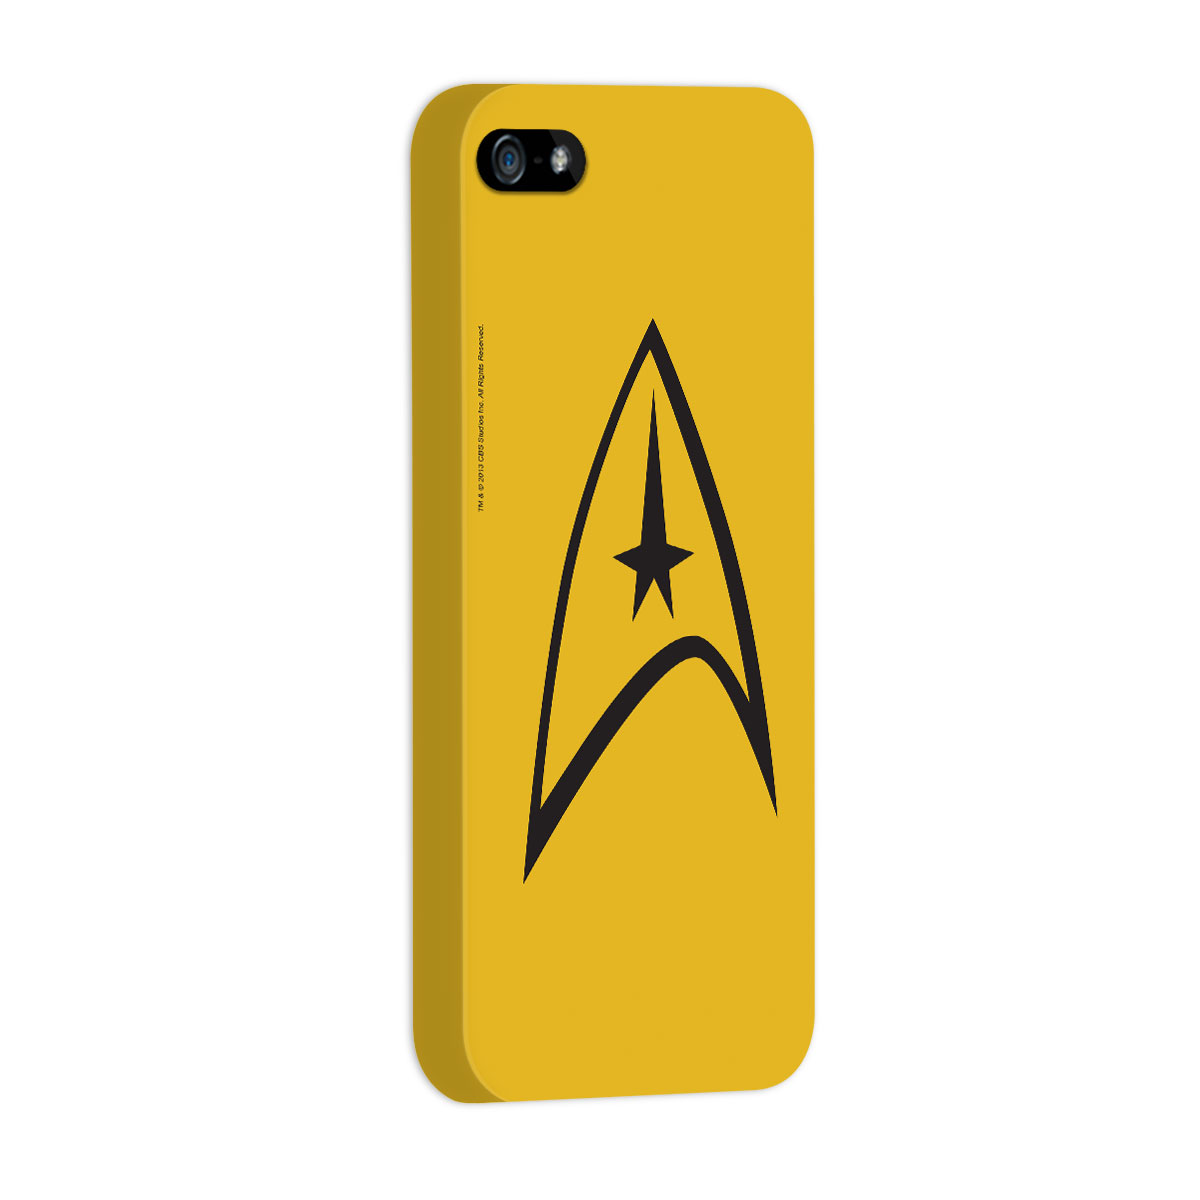 Capa de iPhone 5/5S Star Trek Command Yellow